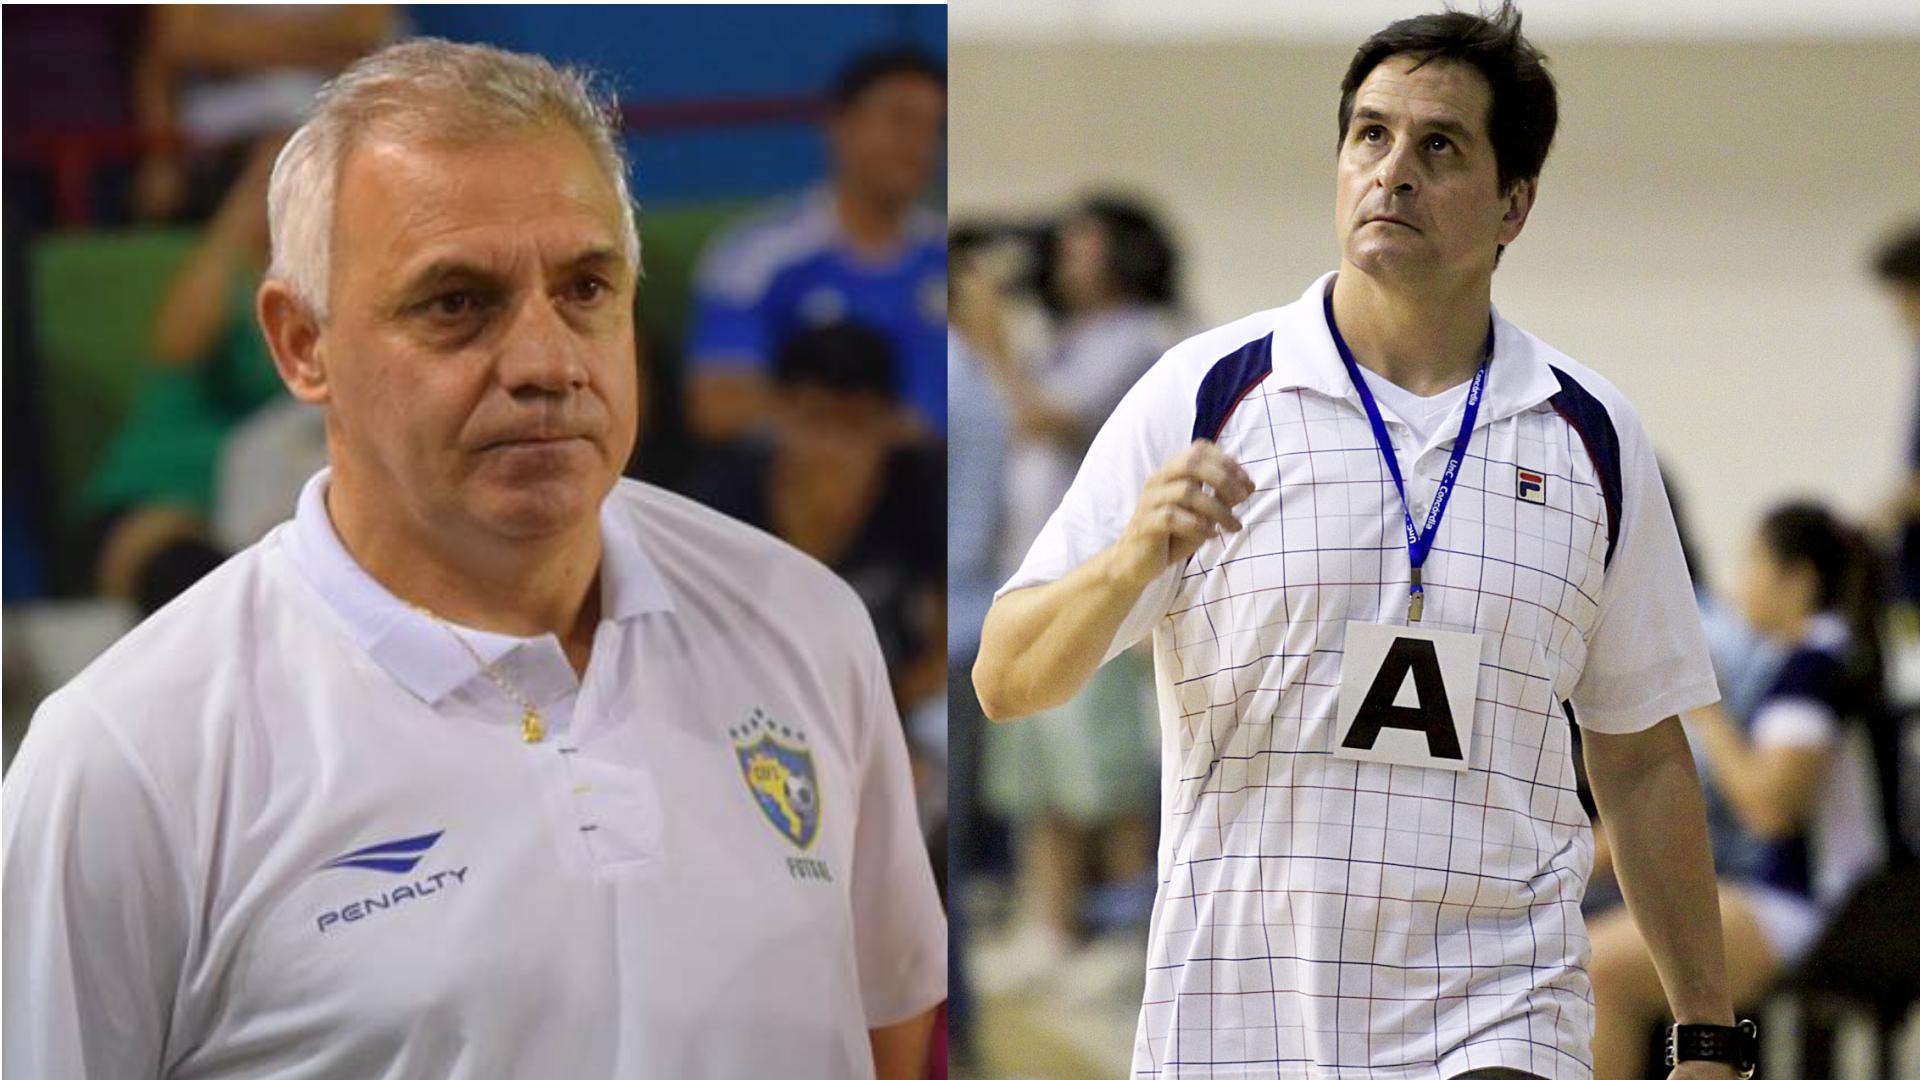 Nomes conhecidos no esporte, Alexandre Schneider e Sérgio Schiochet devem receber Título de Cidadão